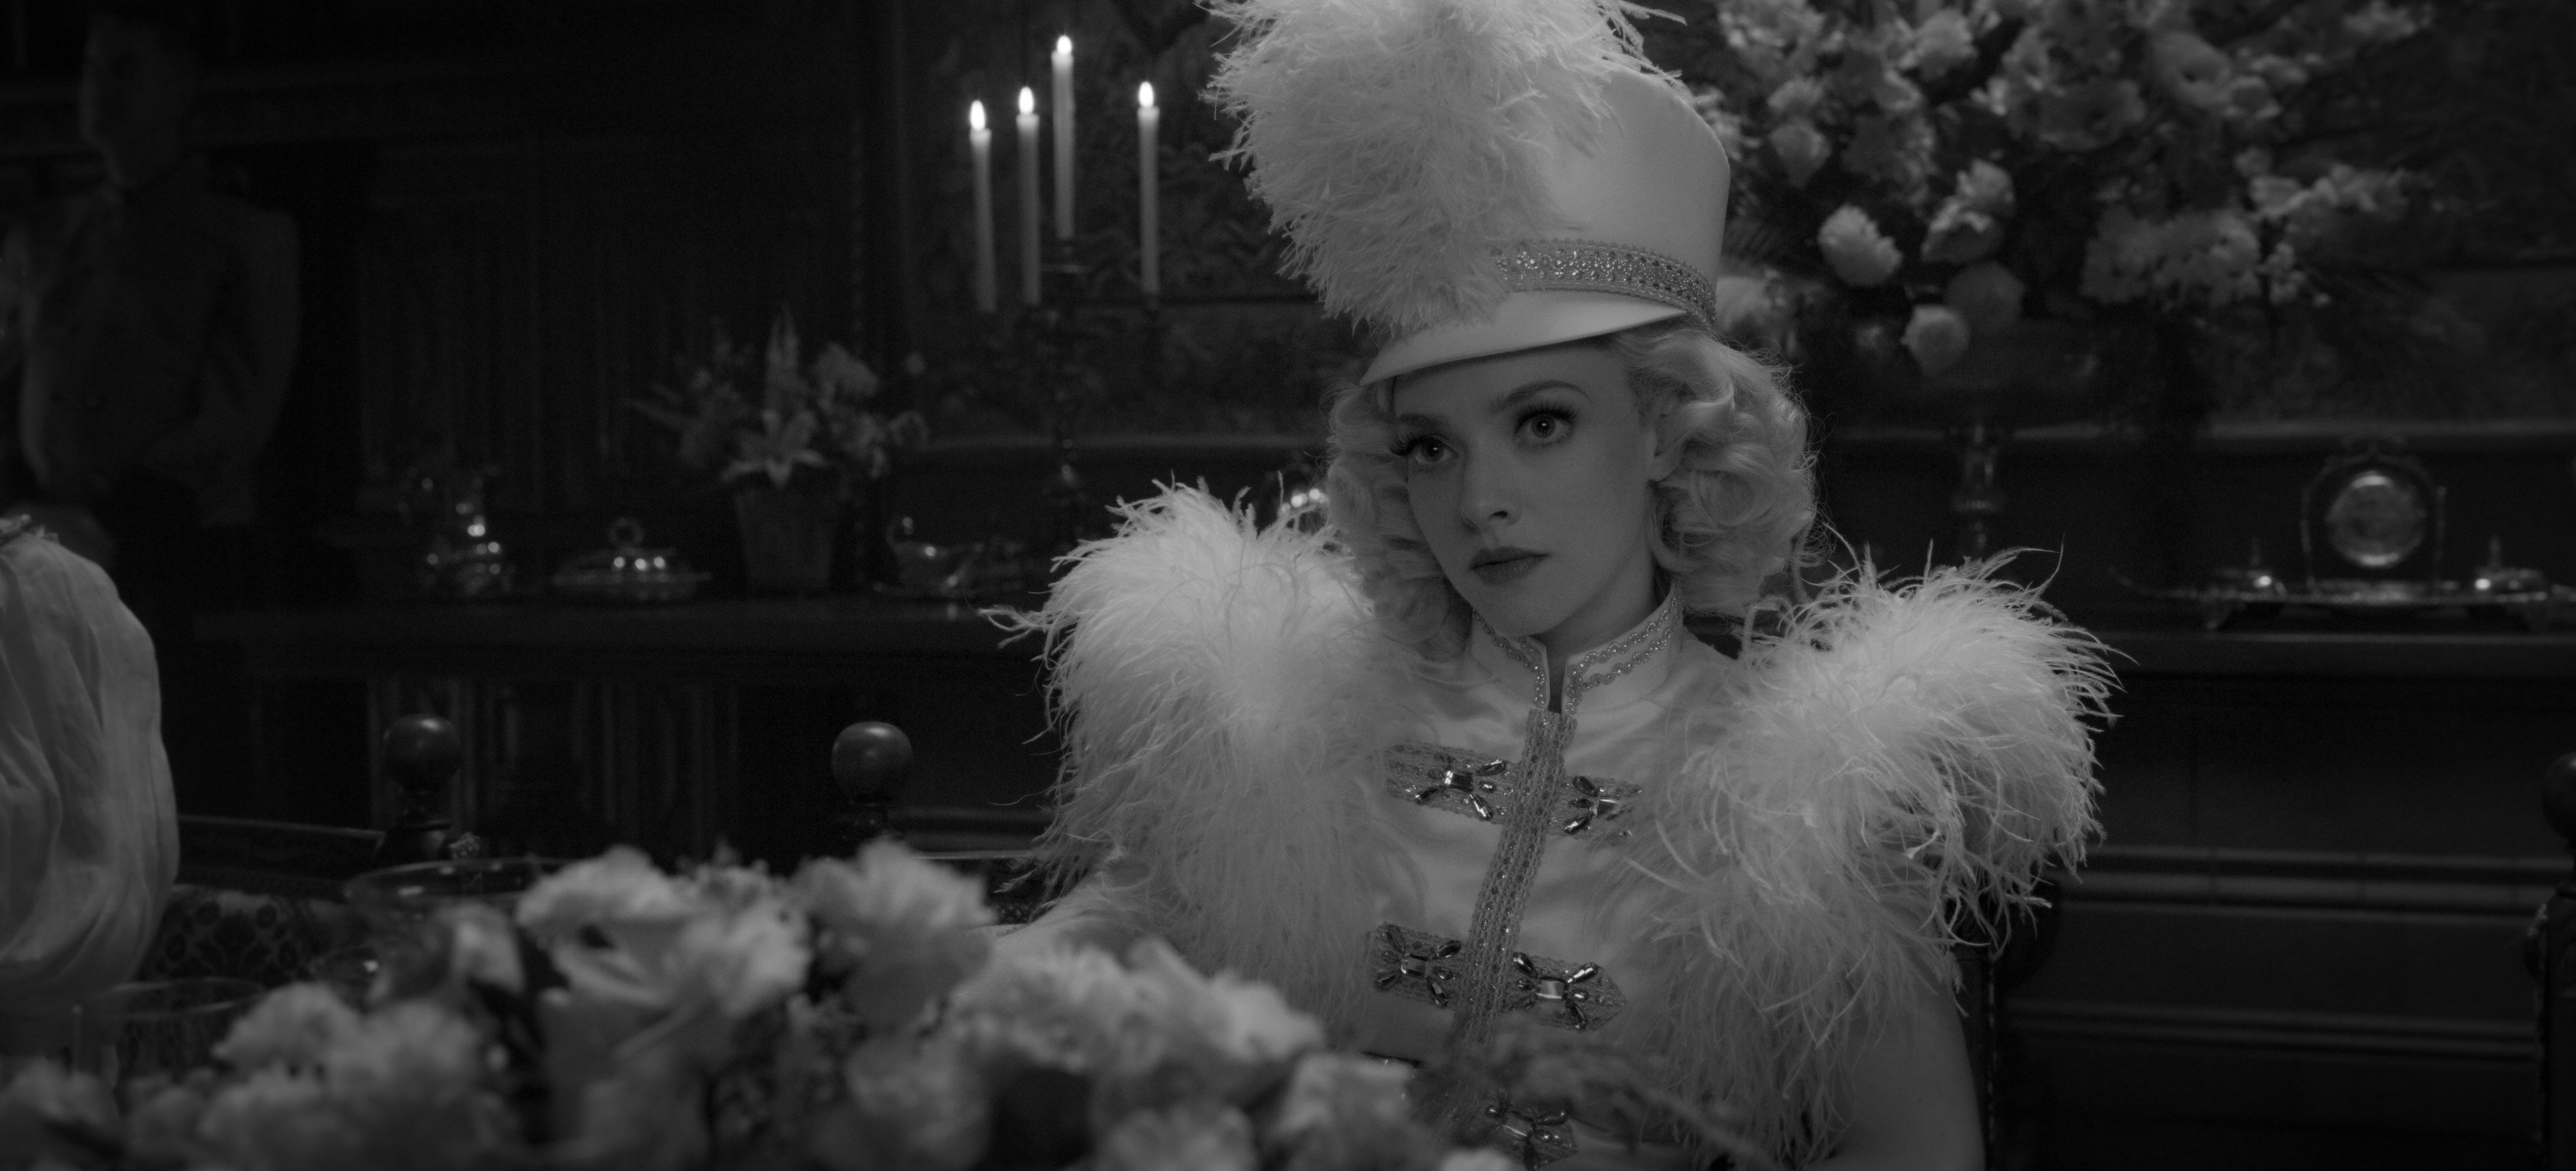 Amanda Seyfried in Mank (2020)